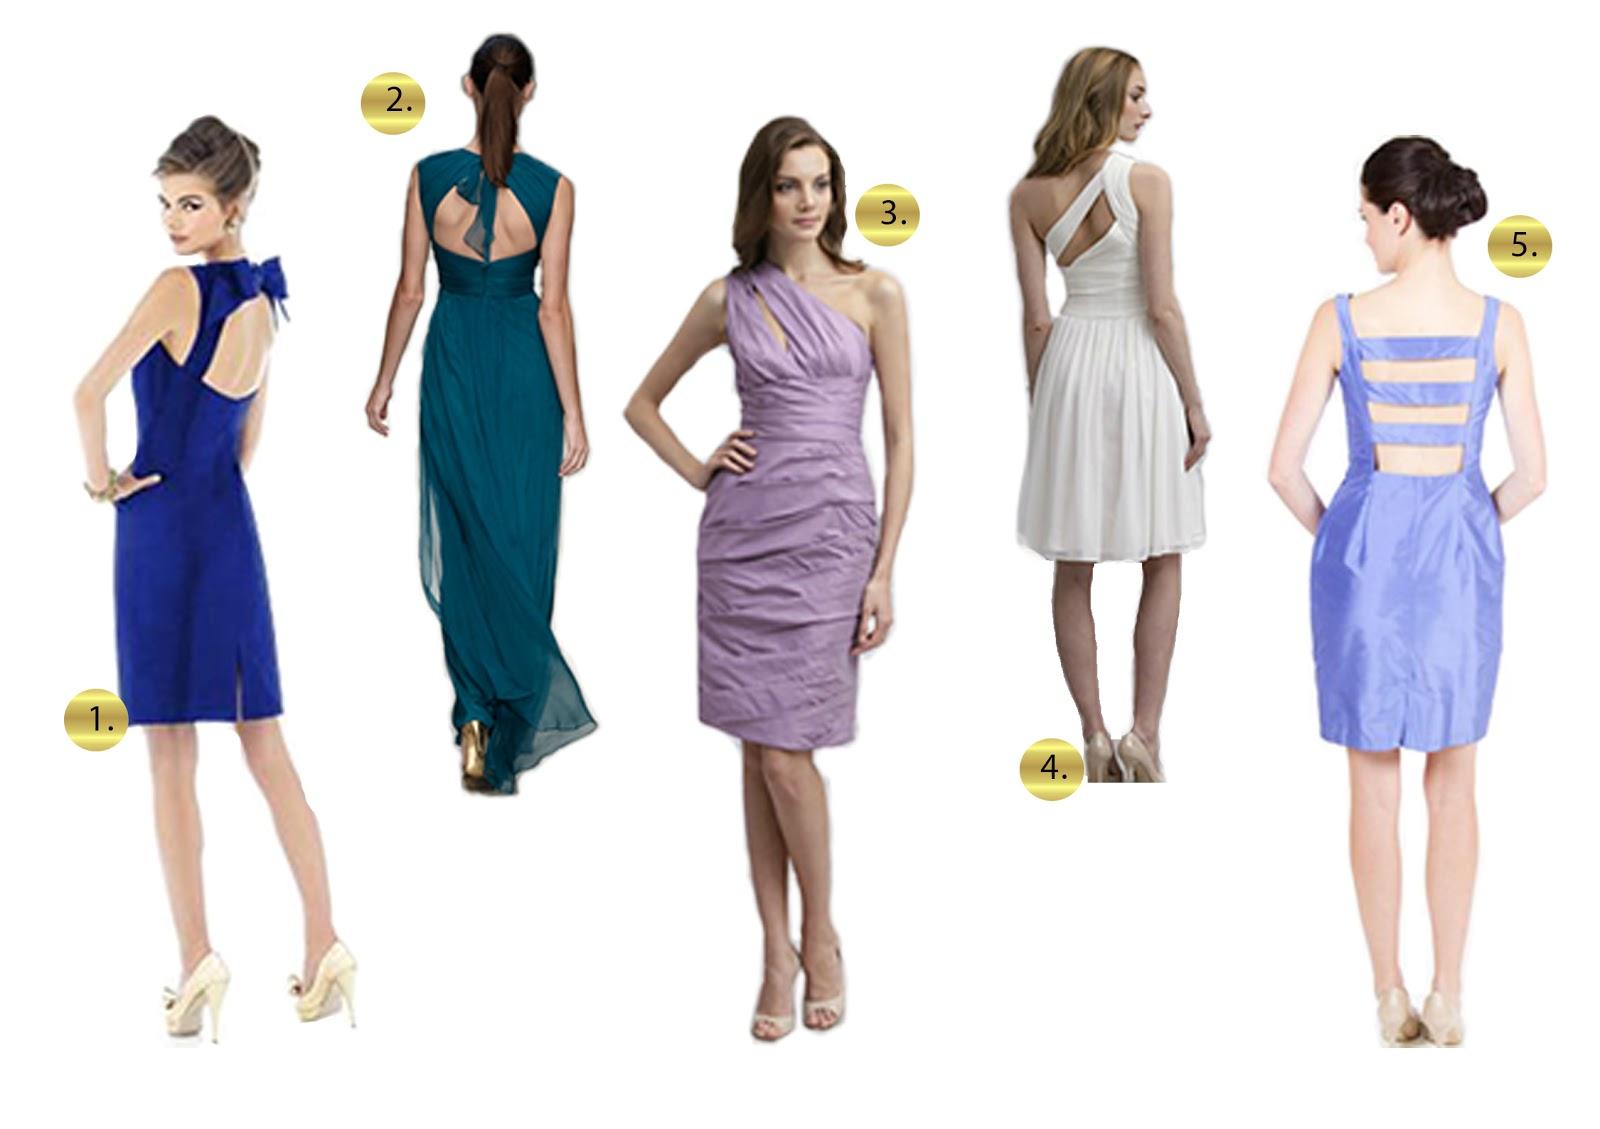 http://2.bp.blogspot.com/-PGAfc4n-_7U/URsM0xldFeI/AAAAAAAADyE/W2wfe_alpjo/s1600/Bella+Blog+Grammy+Glamour+%232.jpg